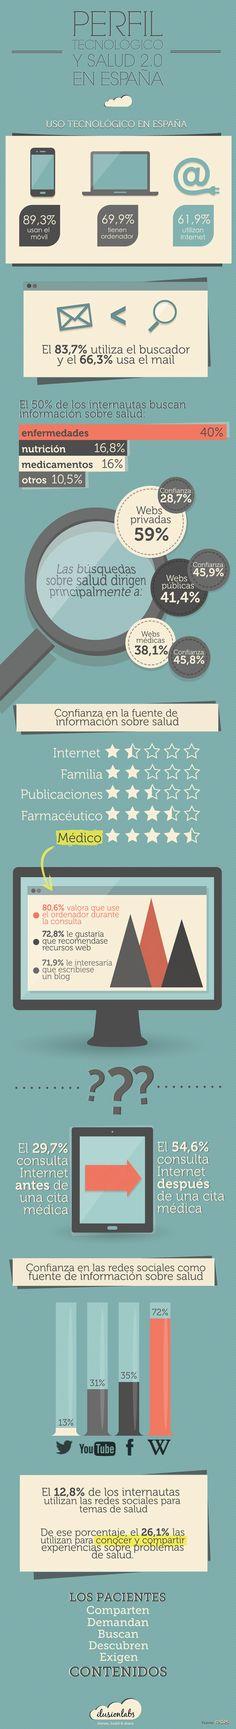 Consumo de salud 2.0 en España #infografia en español